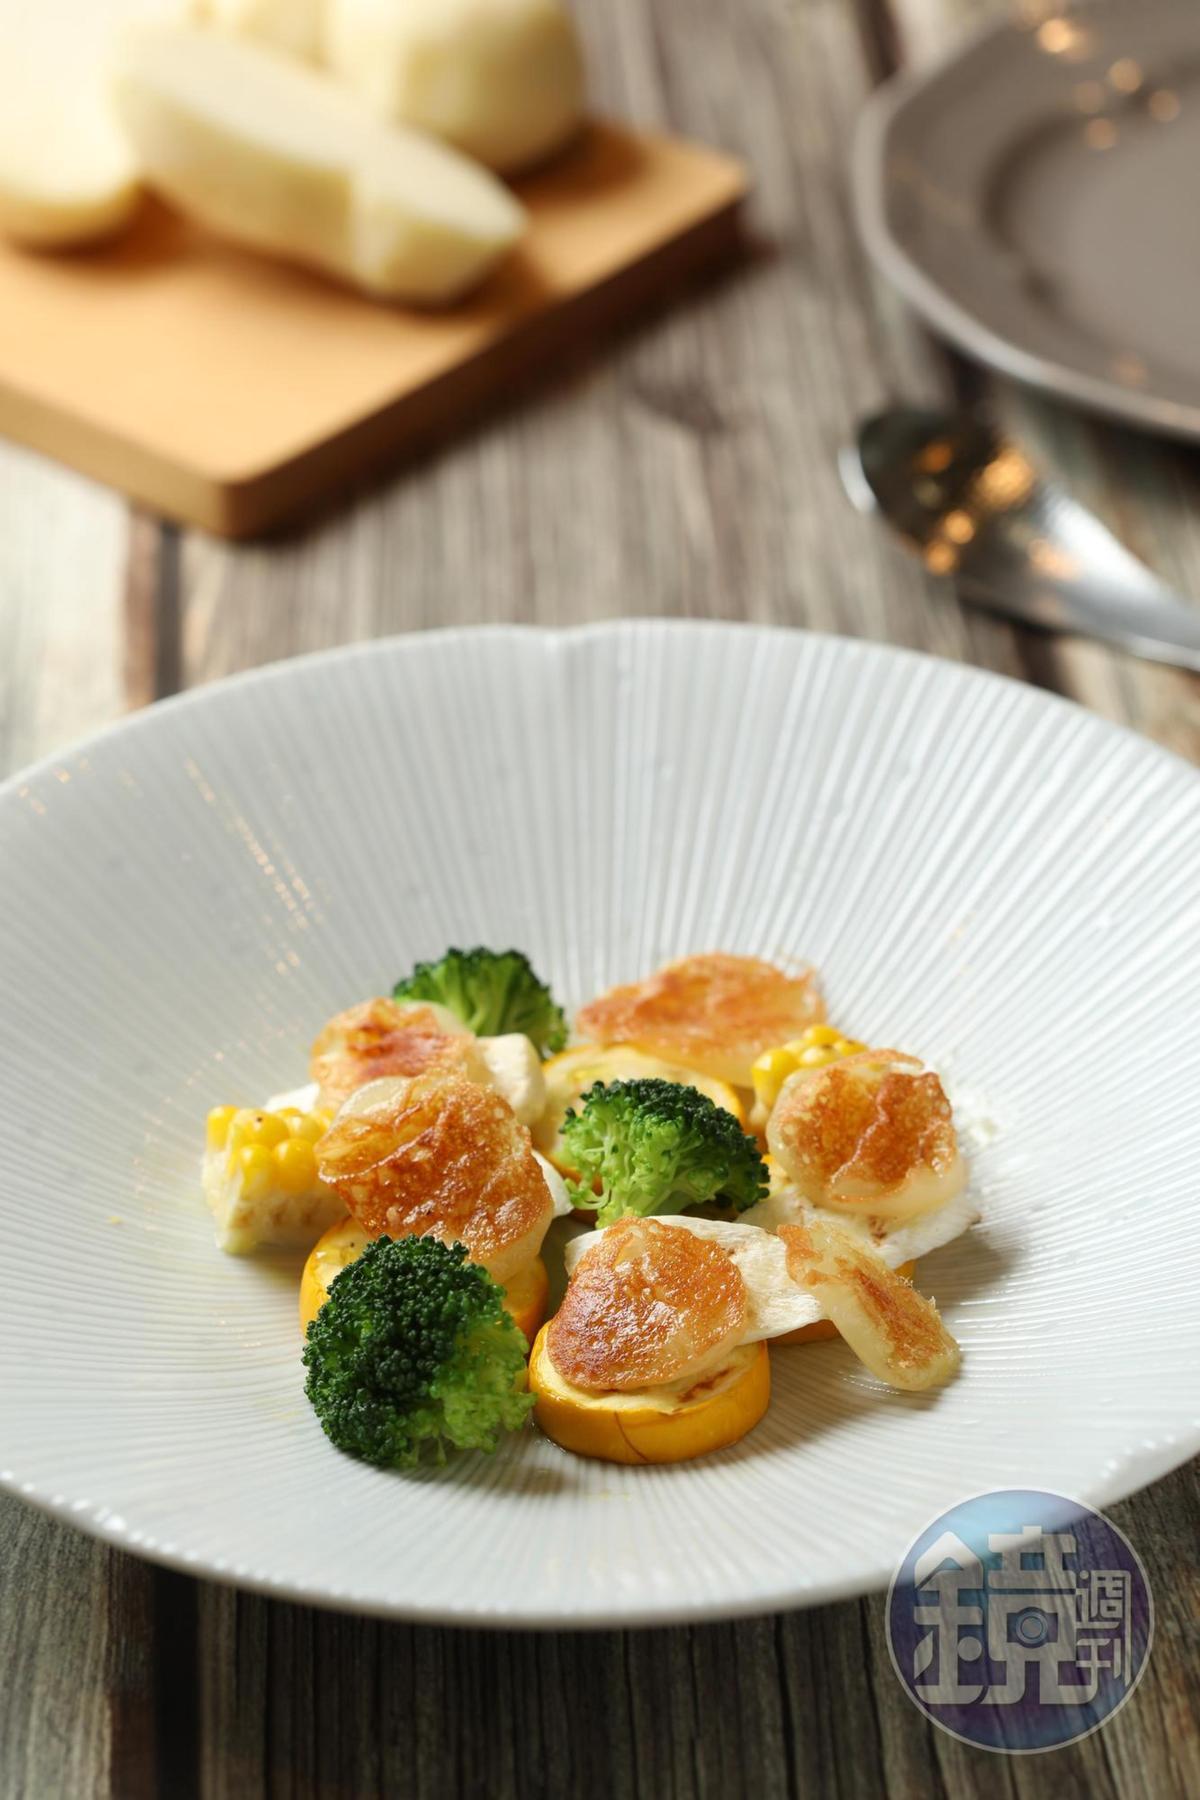 把起司煎到表皮酥黃、內層軟Q的「馬背起司溫沙拉」,搭配蔬菜口感豐富。(250元/份)